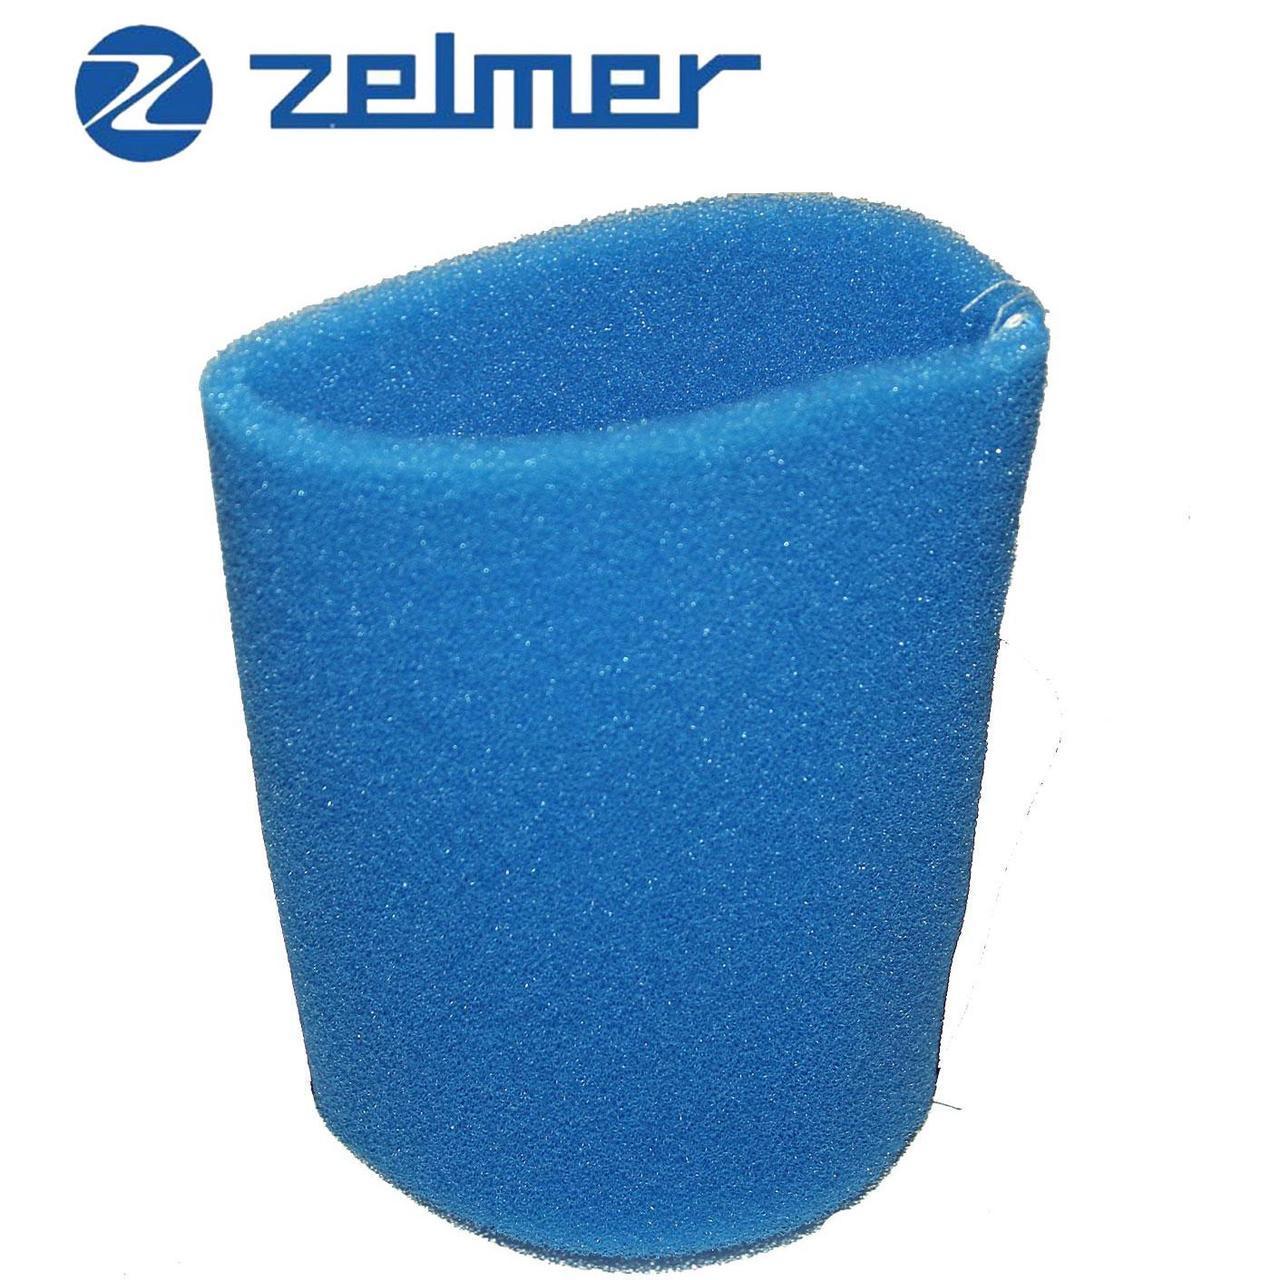 Фильтр поролоновый Zelmer Aqua VAC FPA01